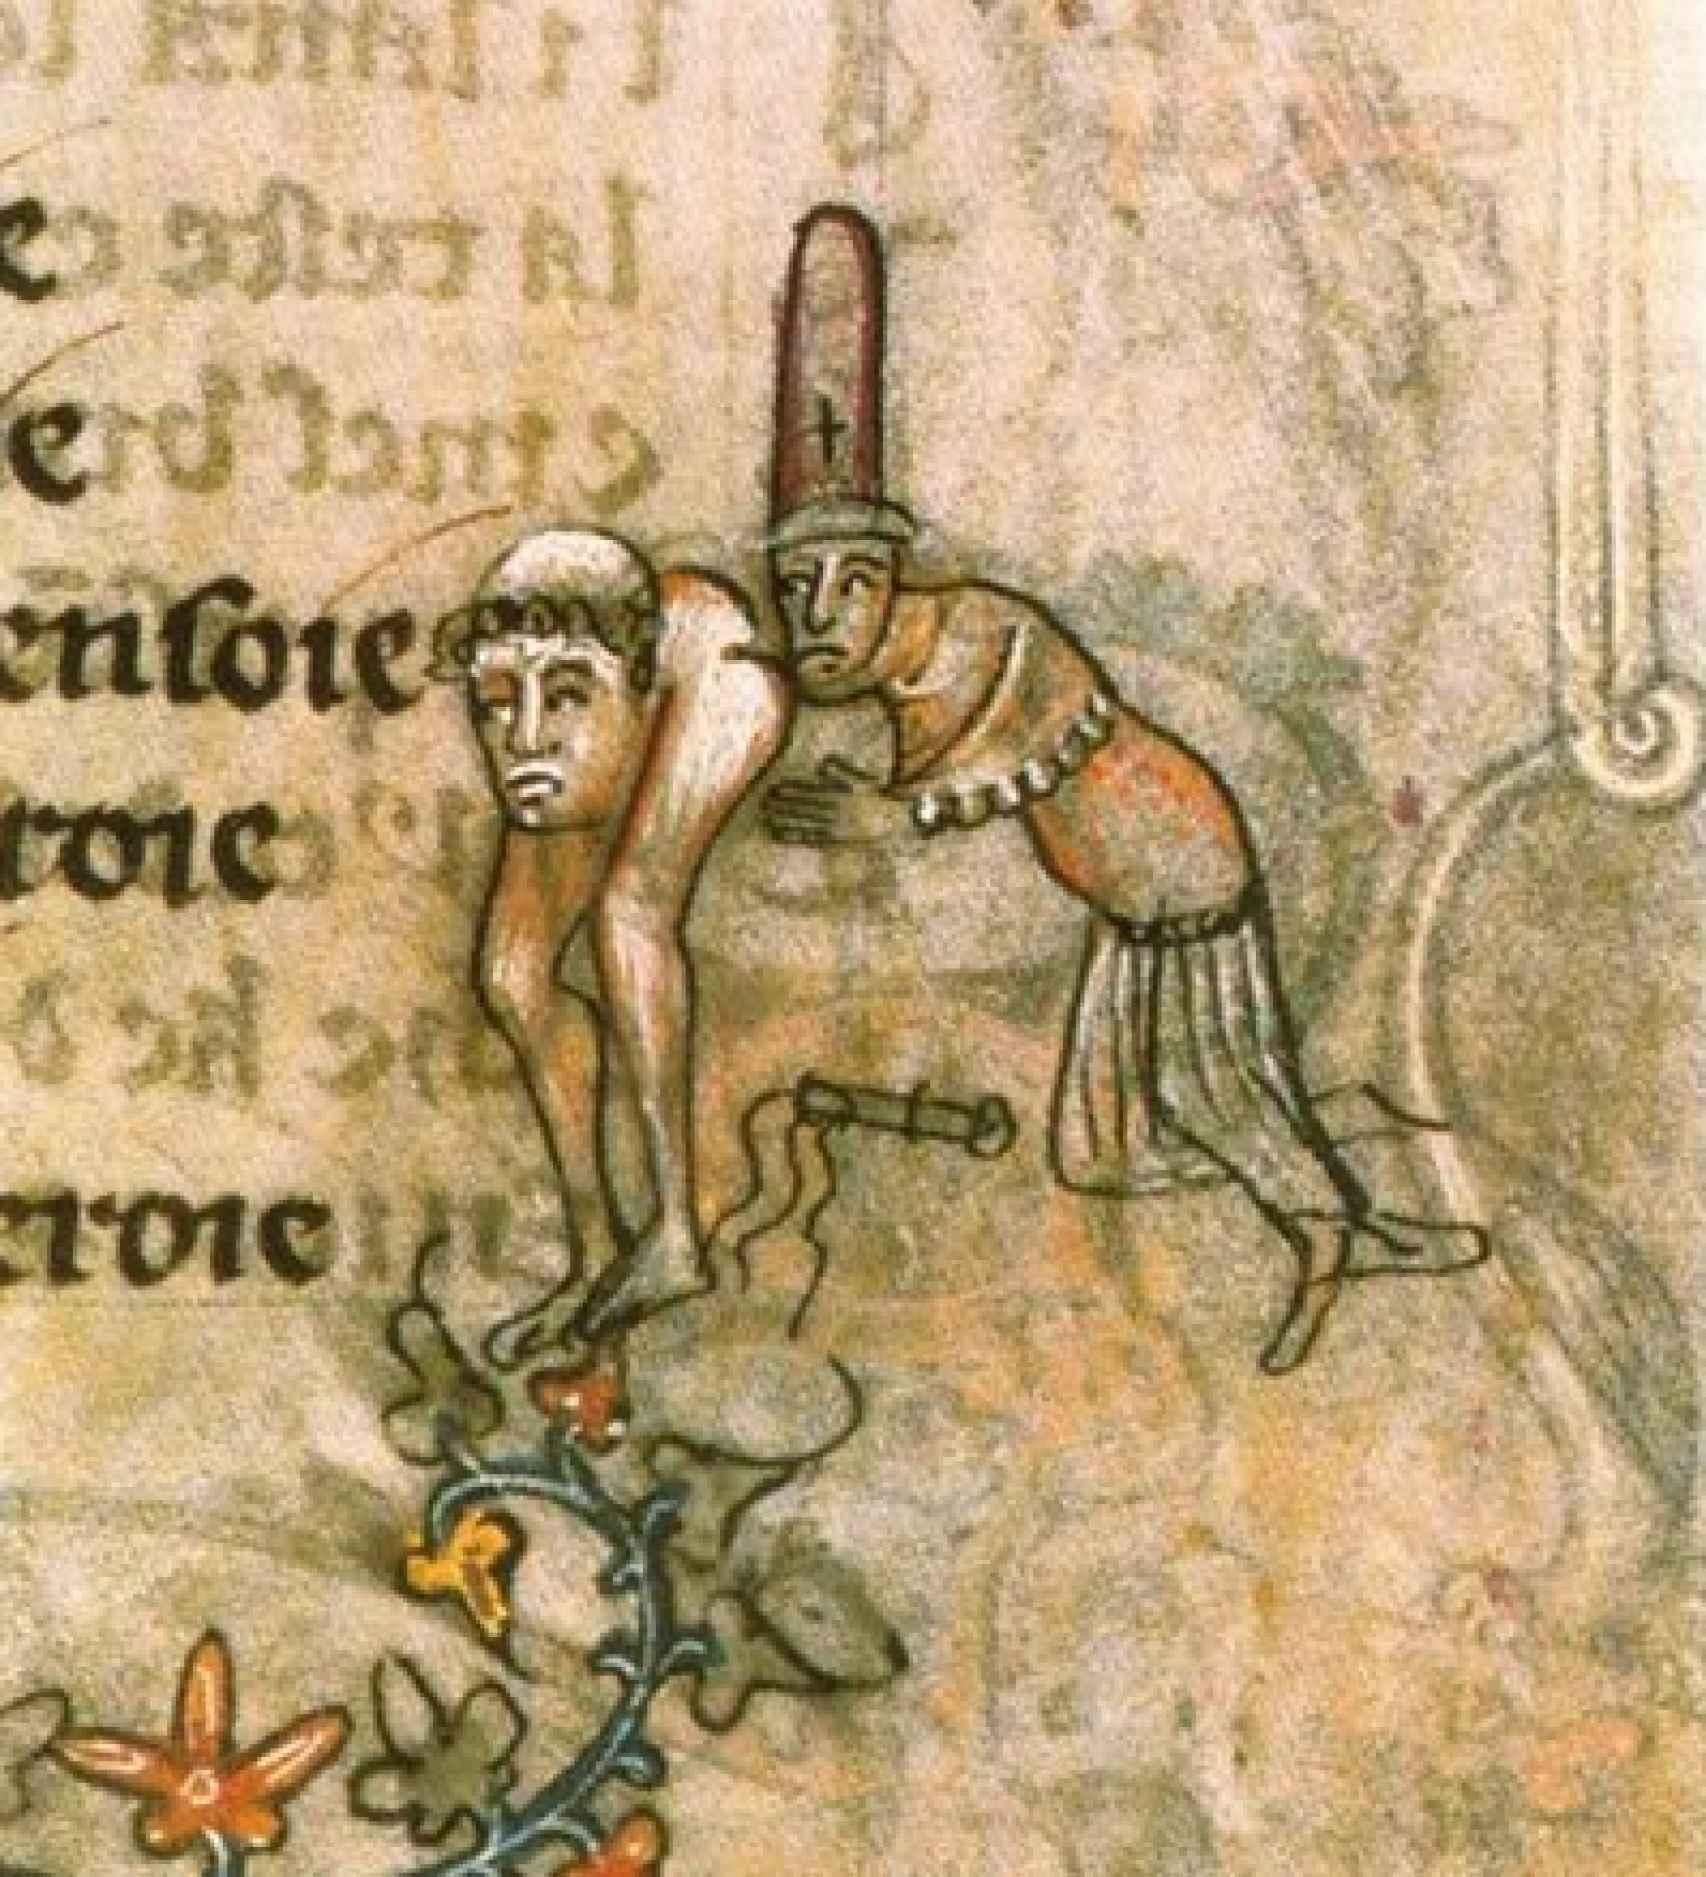 Manuscrito medieval en el que se acusa a los templarios de sodomía.